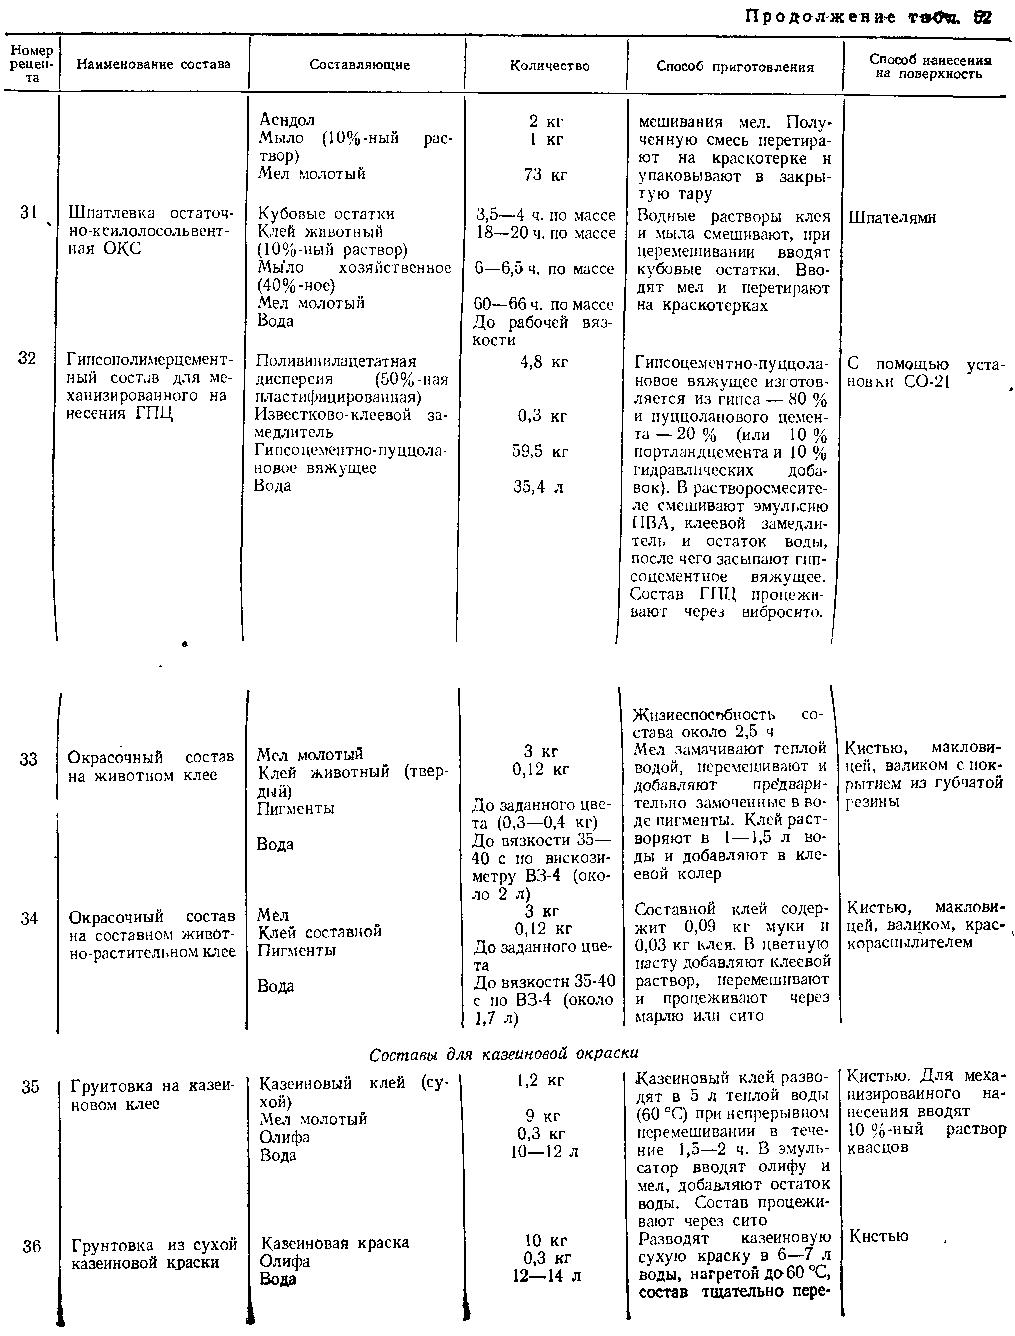 Составы грунтовок для казеиновой окраски